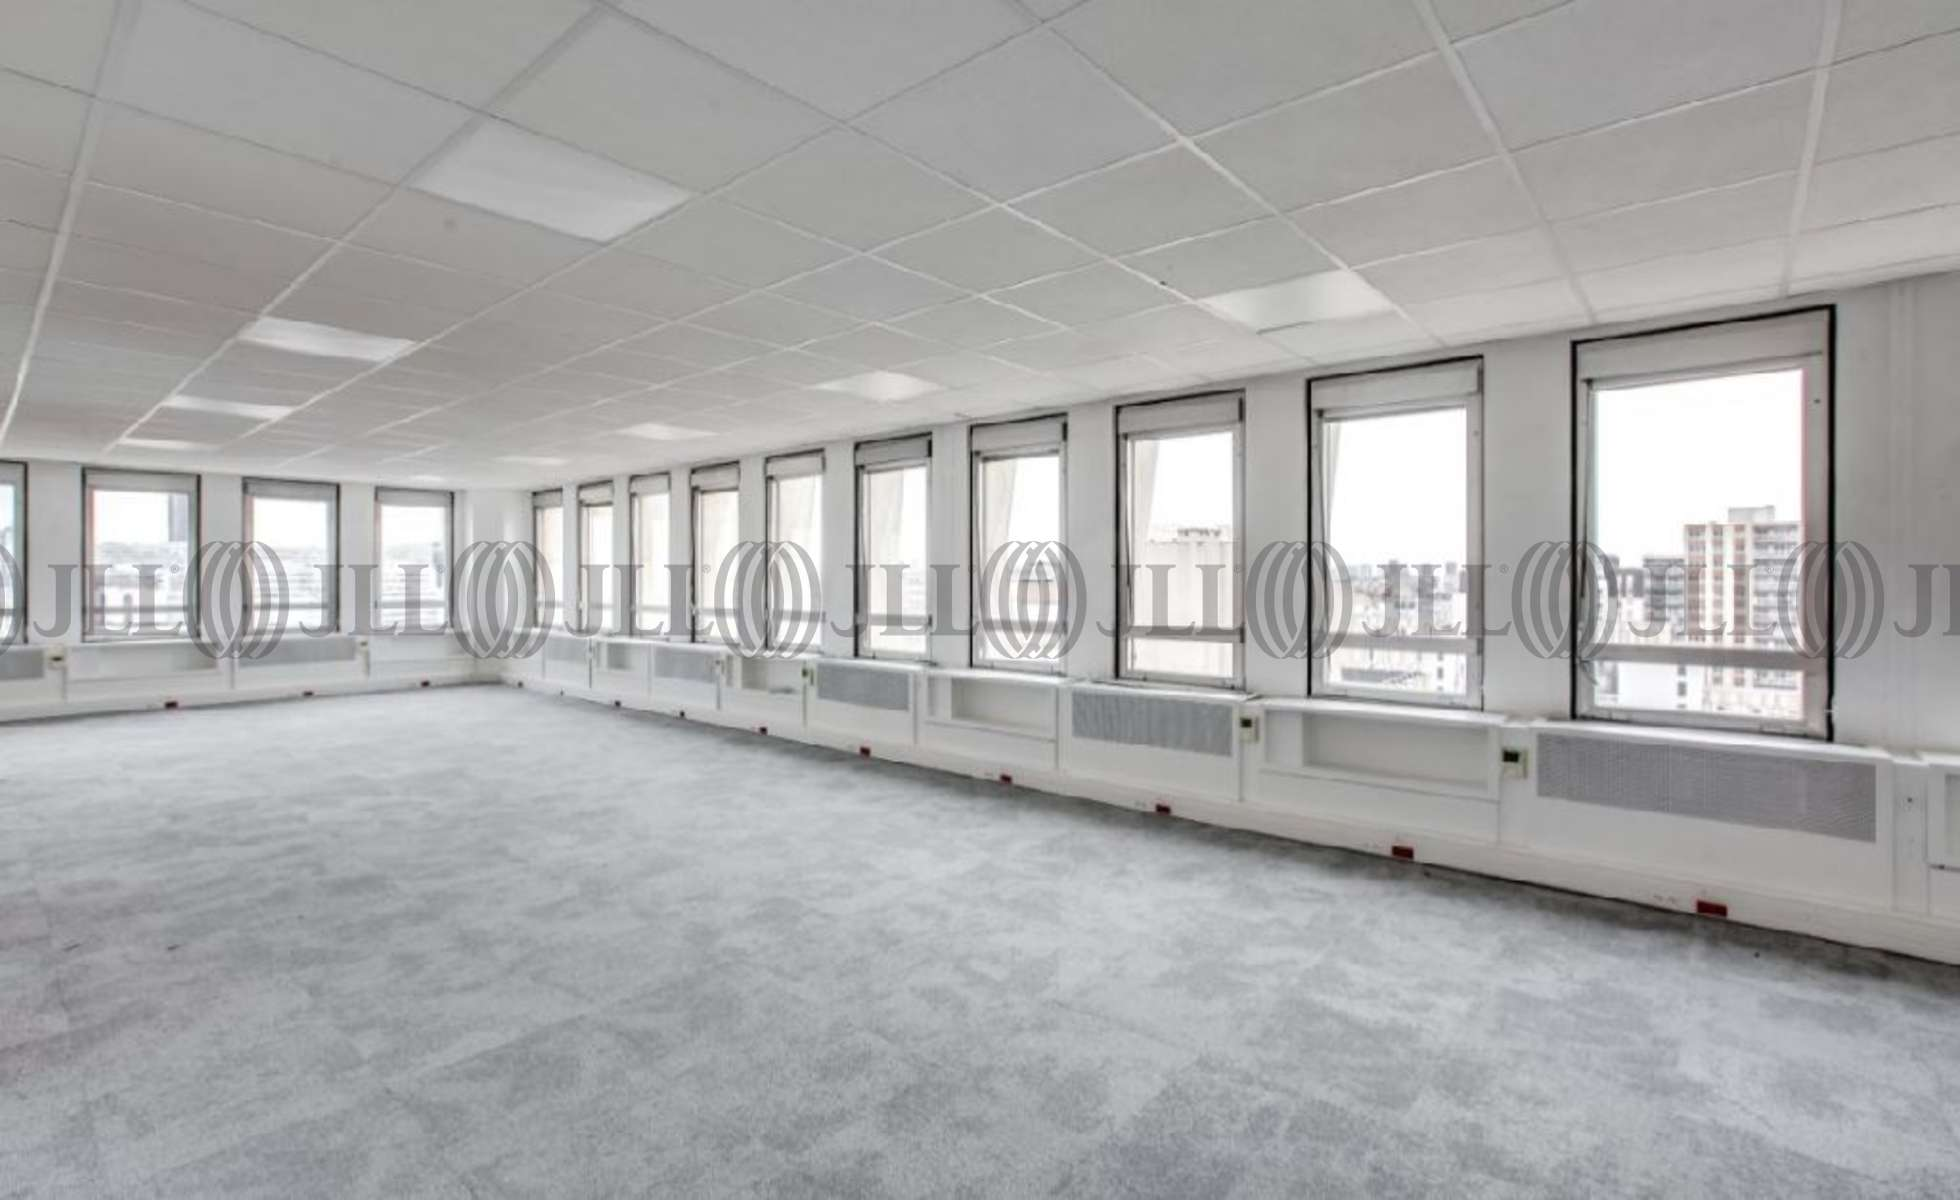 bureaux louer tour georges pitard 75015 paris 54888 jll. Black Bedroom Furniture Sets. Home Design Ideas